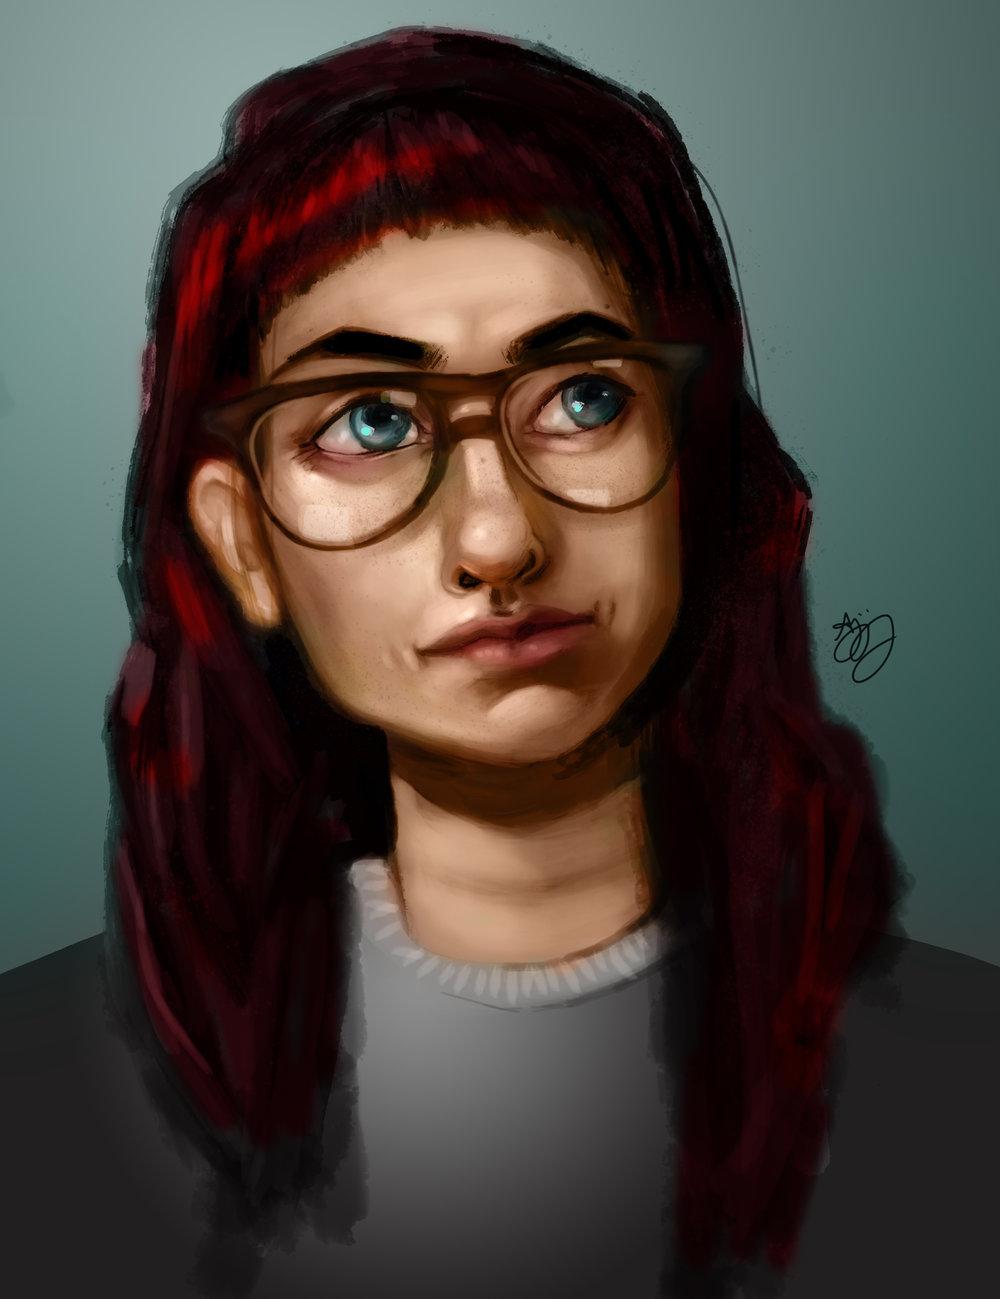 digital painting artist anjeanette illustration